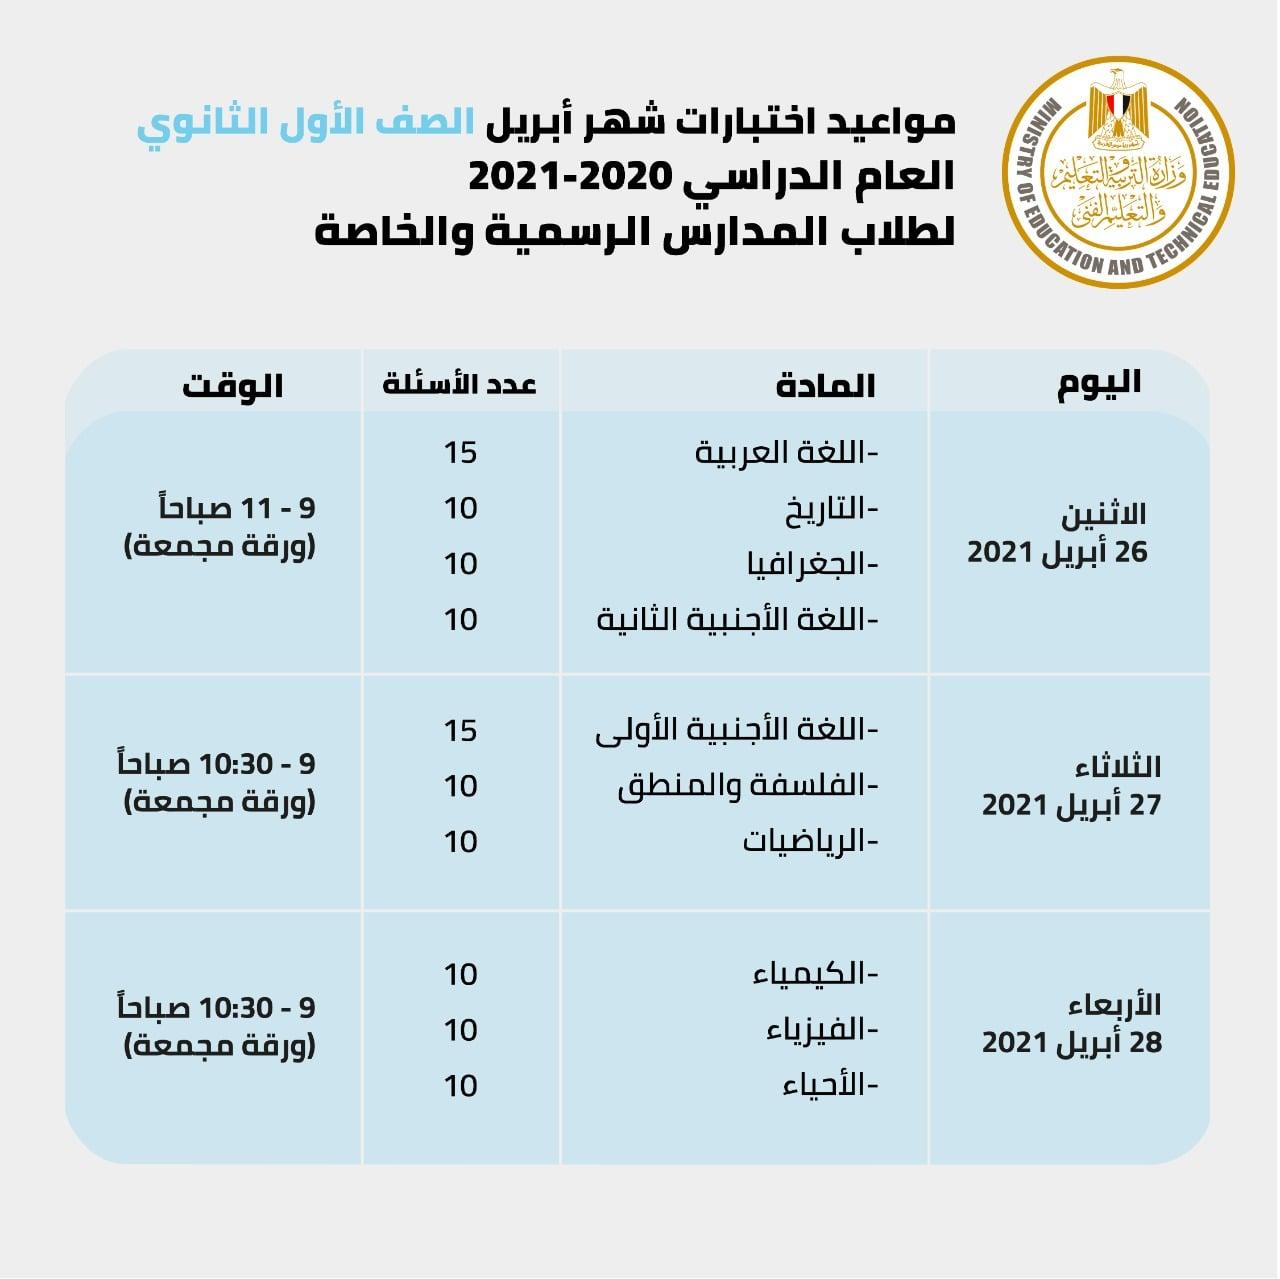 وزير التعليم:  امتحانات أبريل في مواعيدها 3